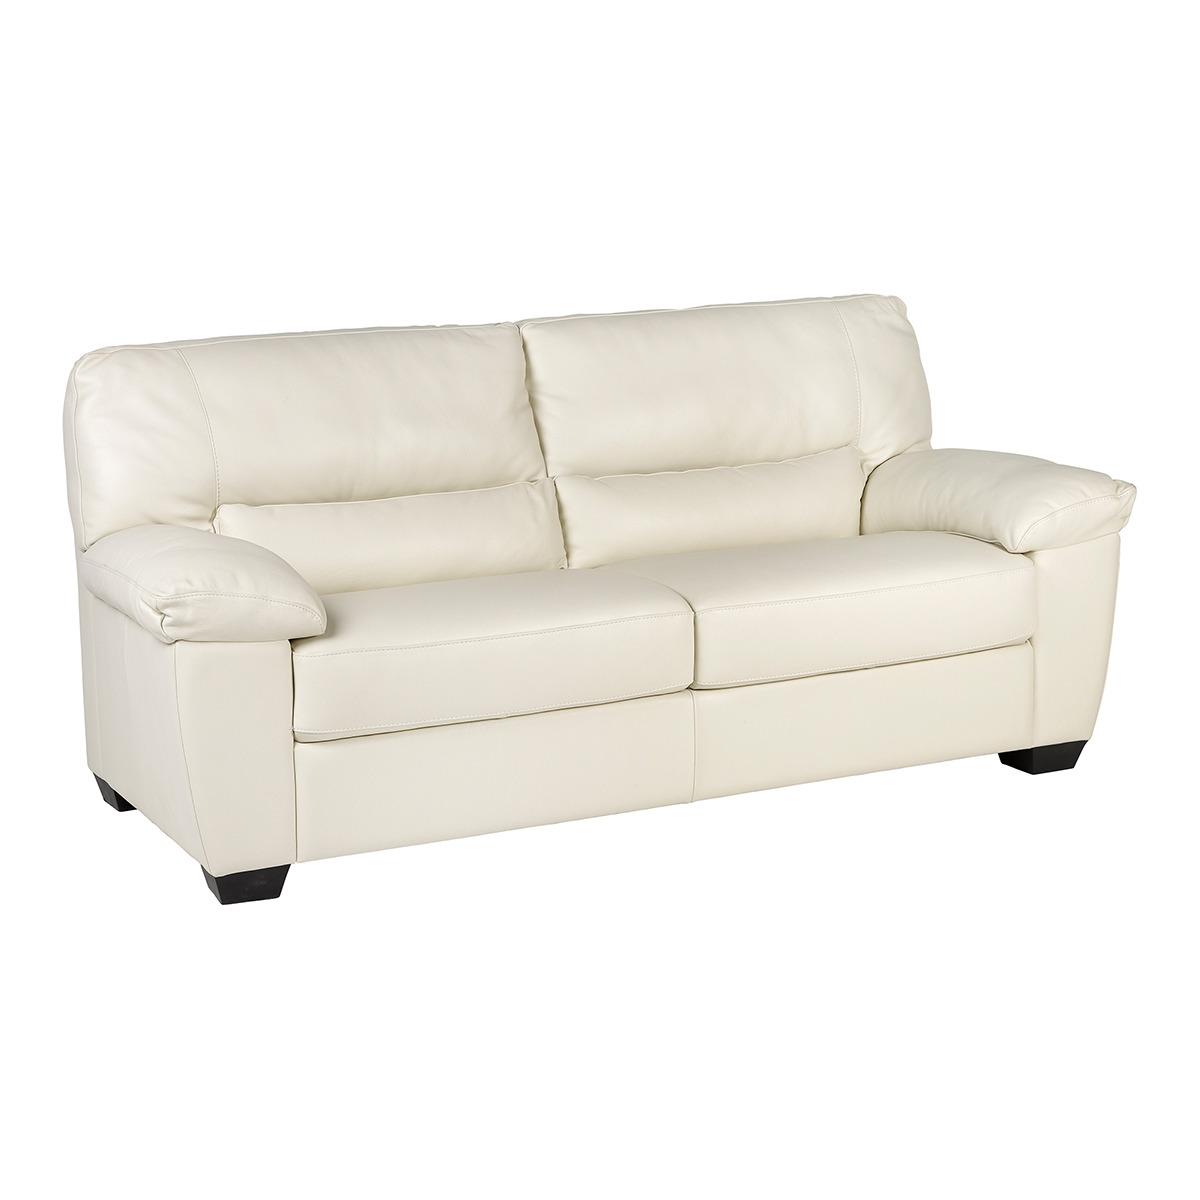 Sof de piel de 3 plazas vera tienda de sofas en for Catalogos de sofas de piel